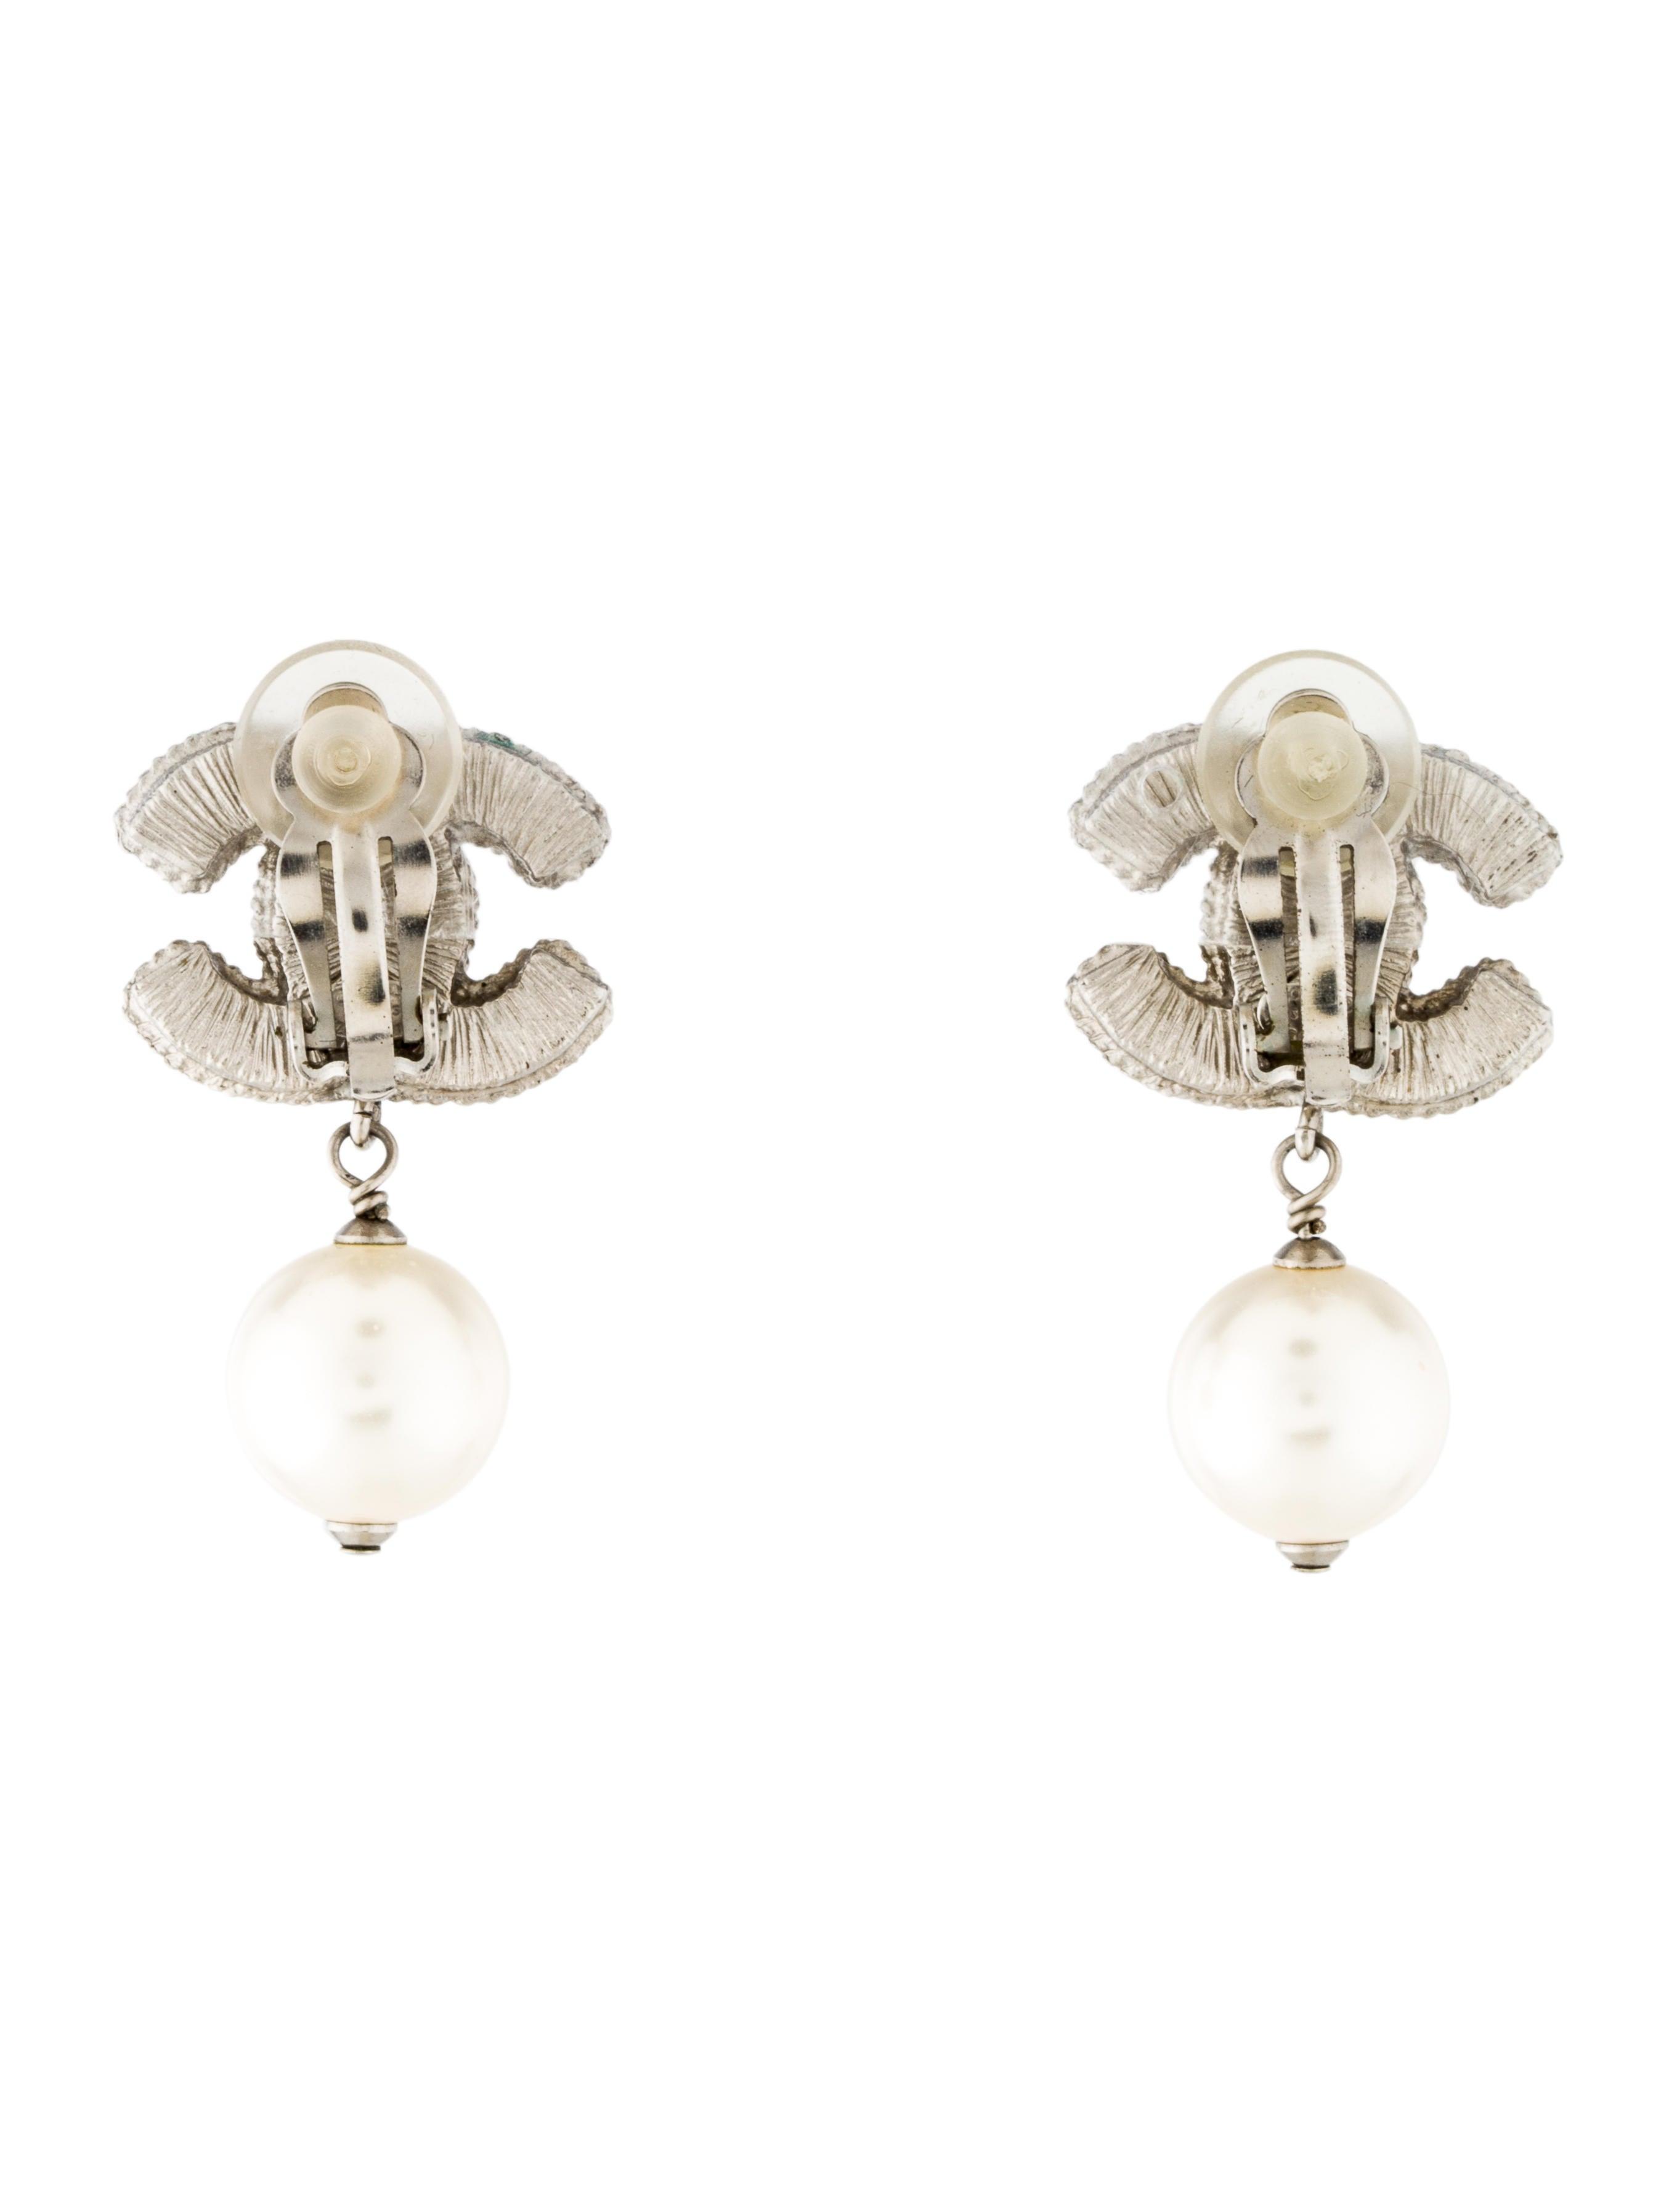 chanel earrings pearl 2013